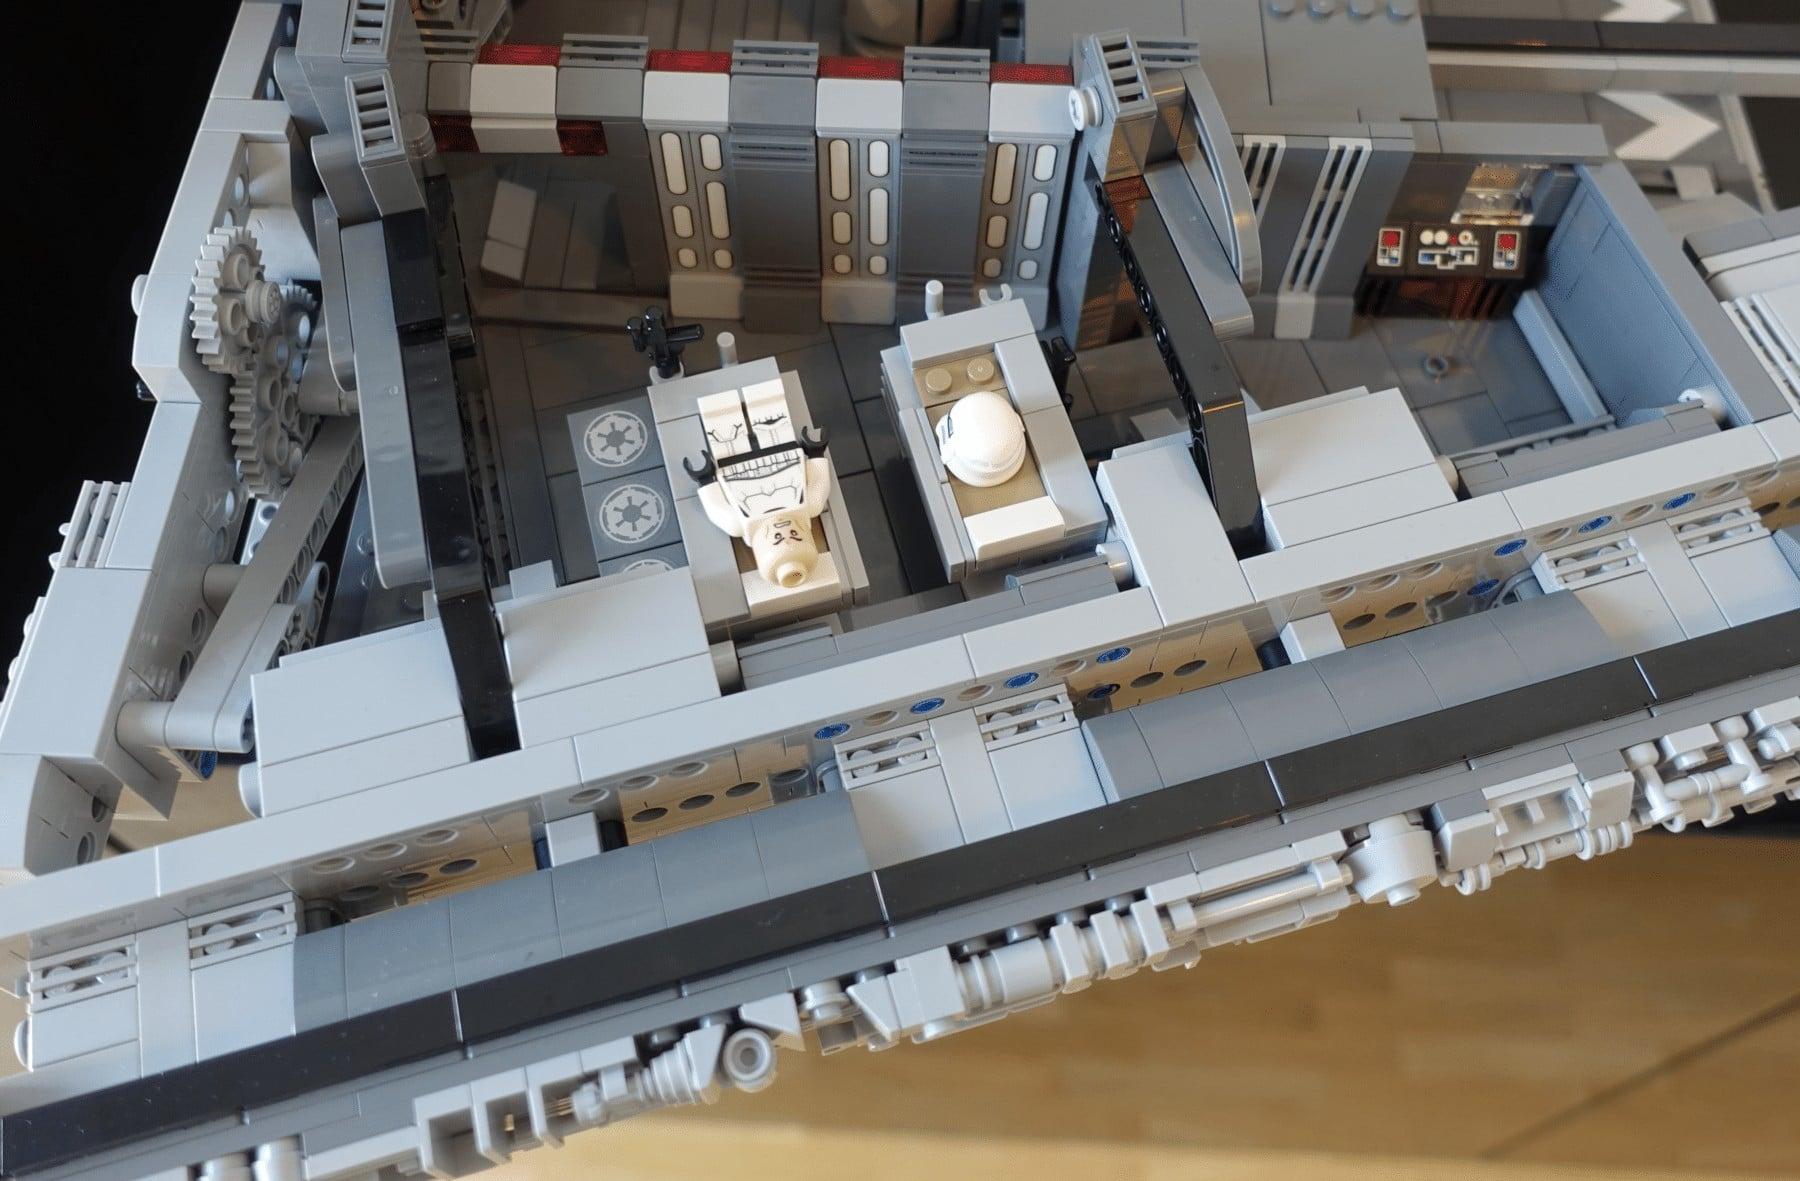 Unterkünfte im LEGO MOC des Imperial Star Destroyers